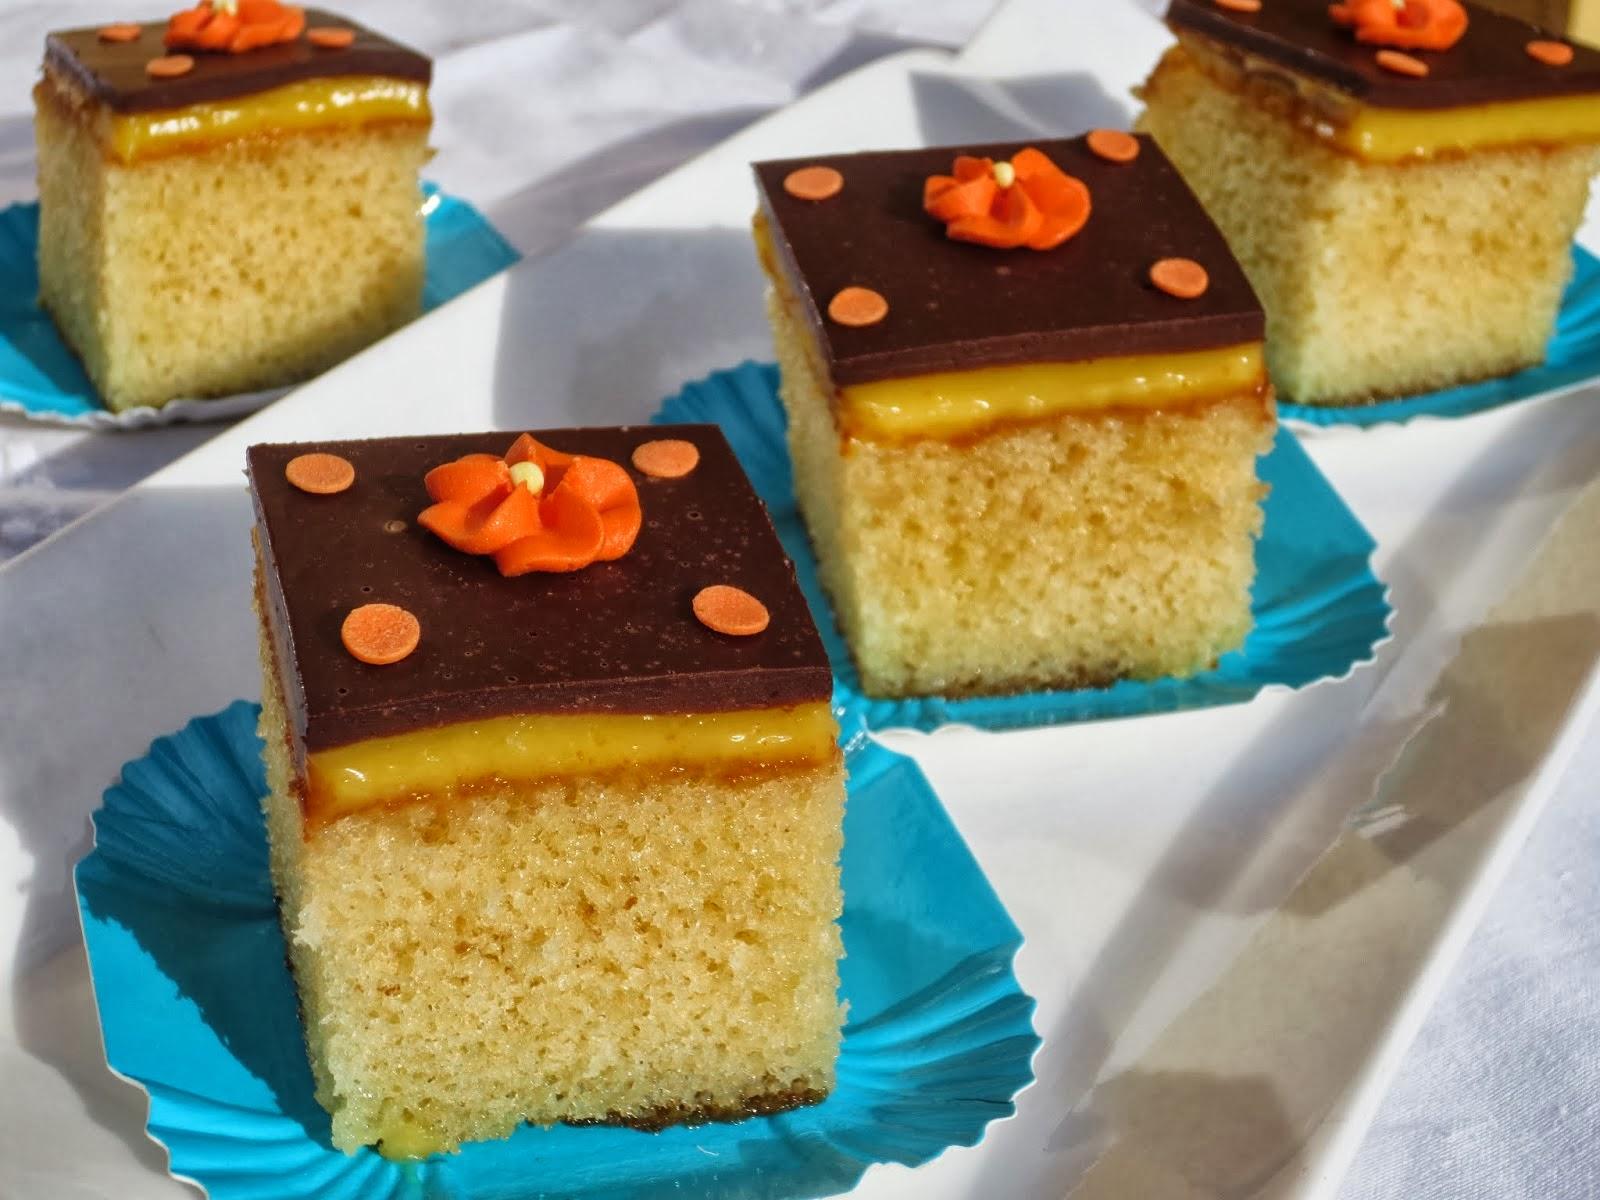 Borrachines de naranja y chocolate